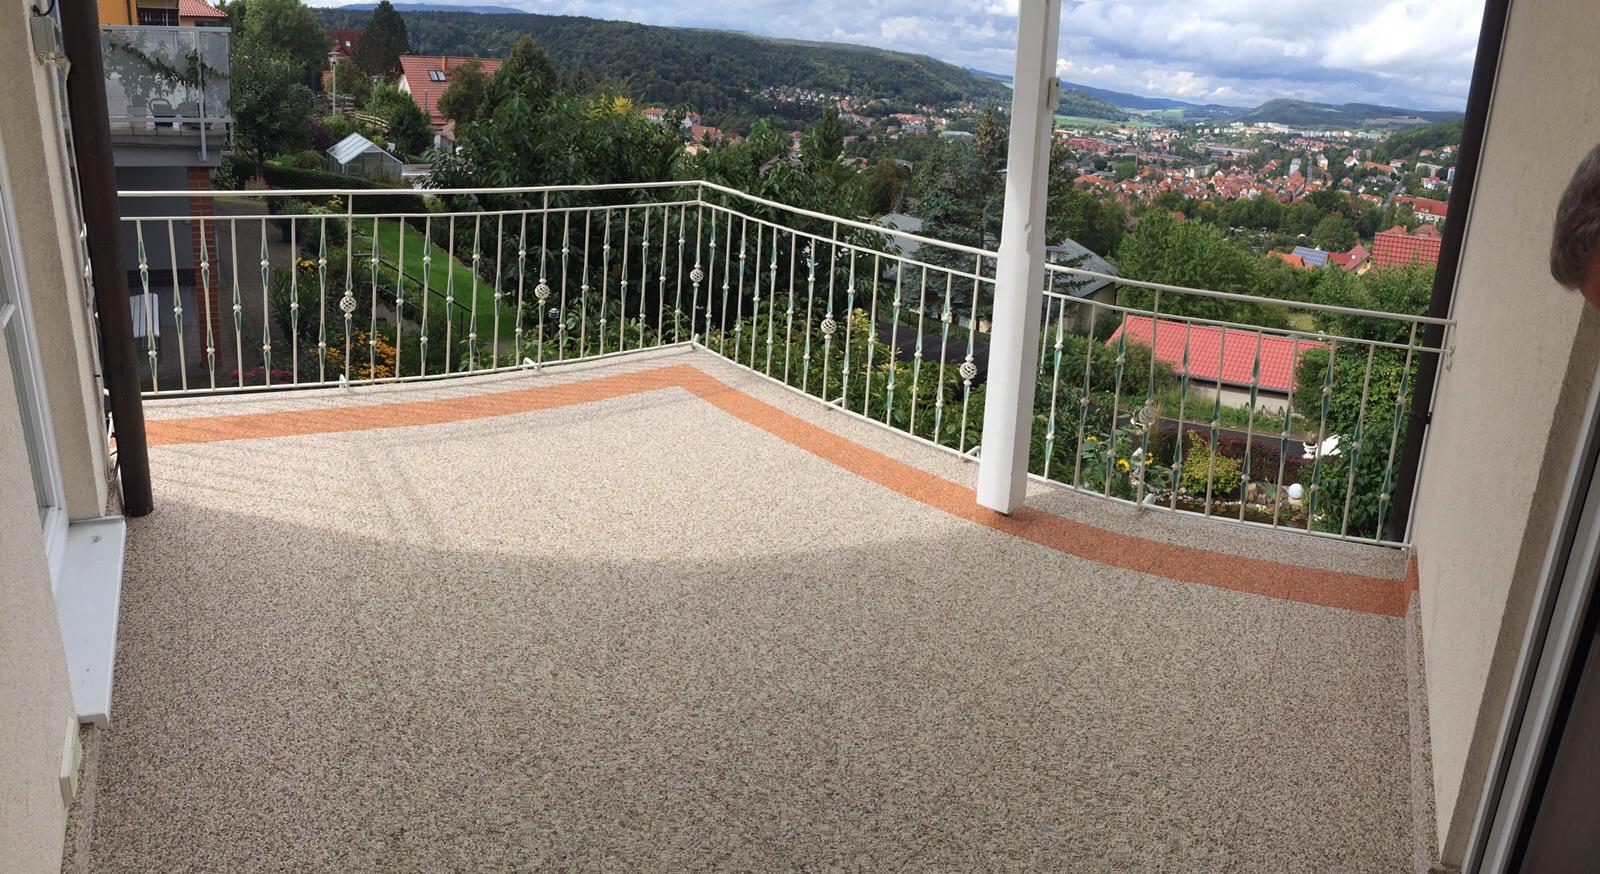 Balkonsanierung mit Steinteppich in Meiningen mit Blick auf´s Werratal